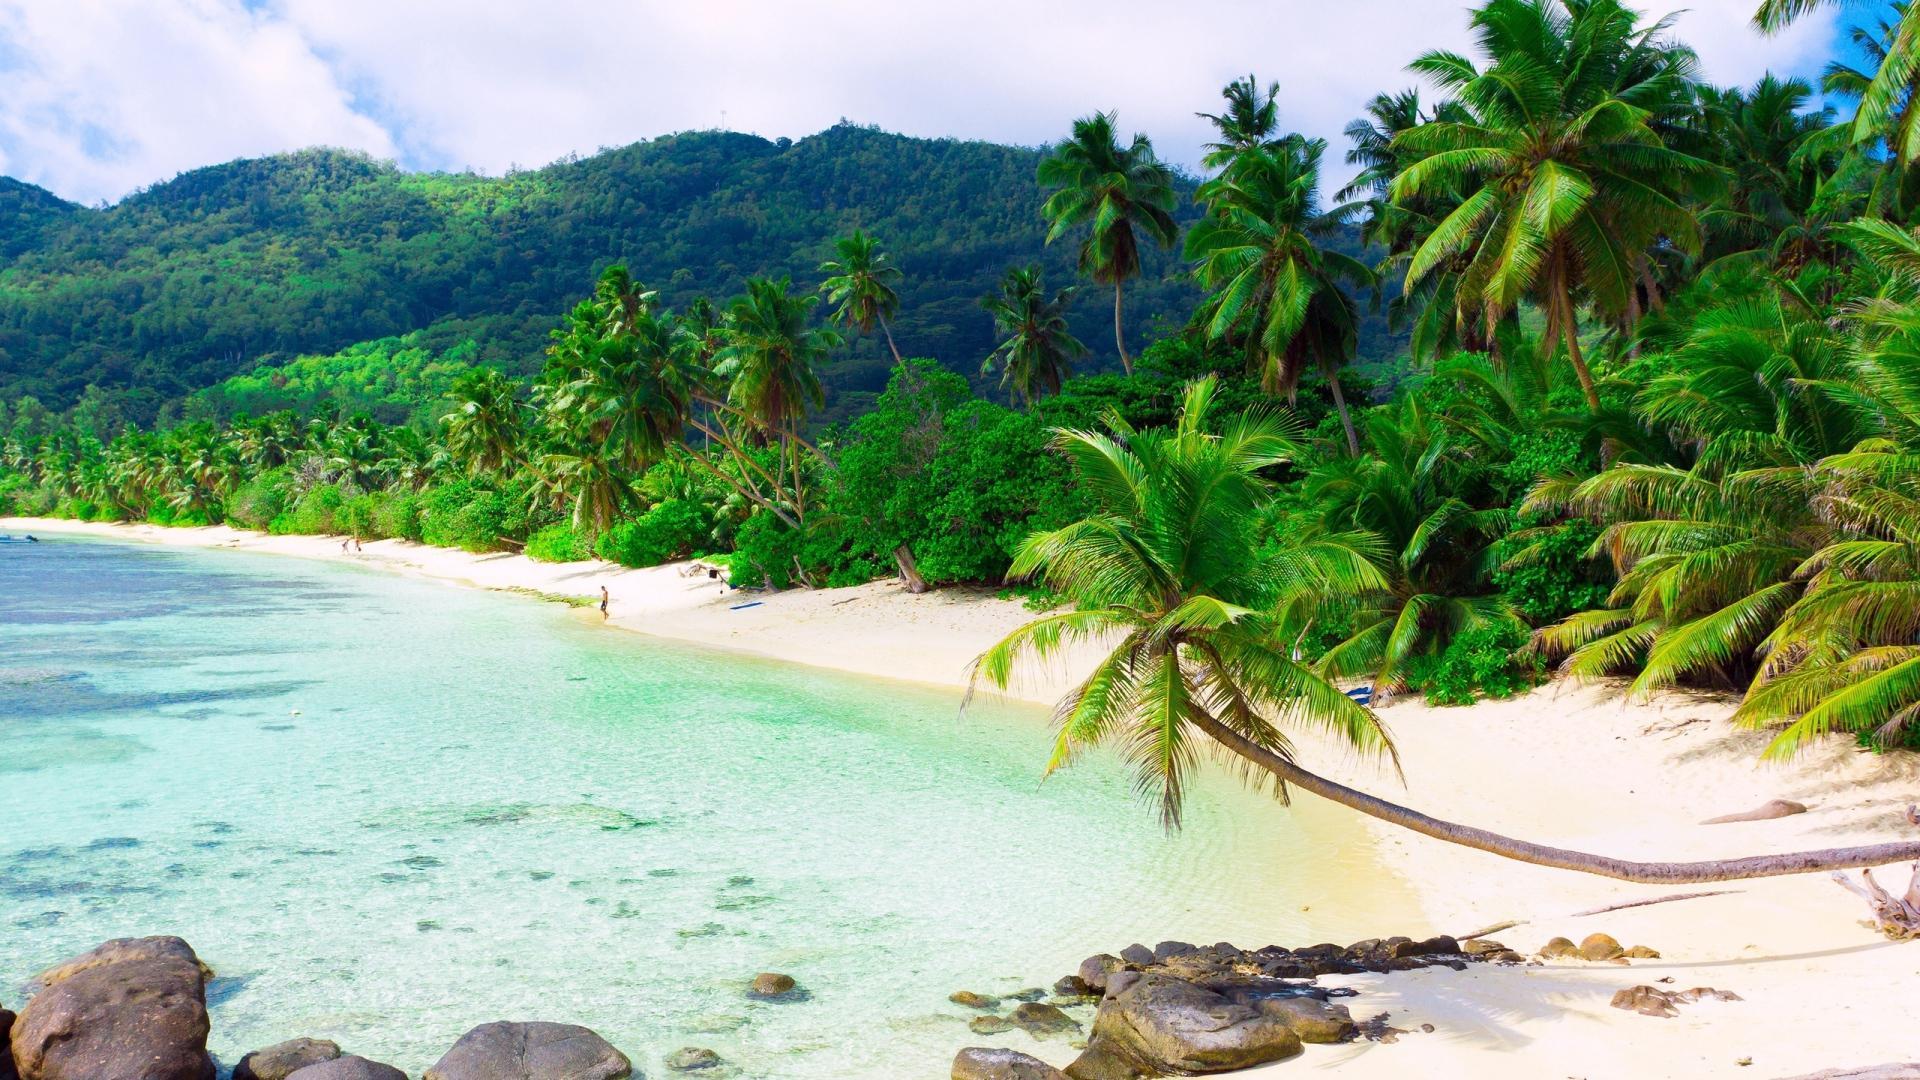 绝美的海岸风景摄影高清壁纸图片